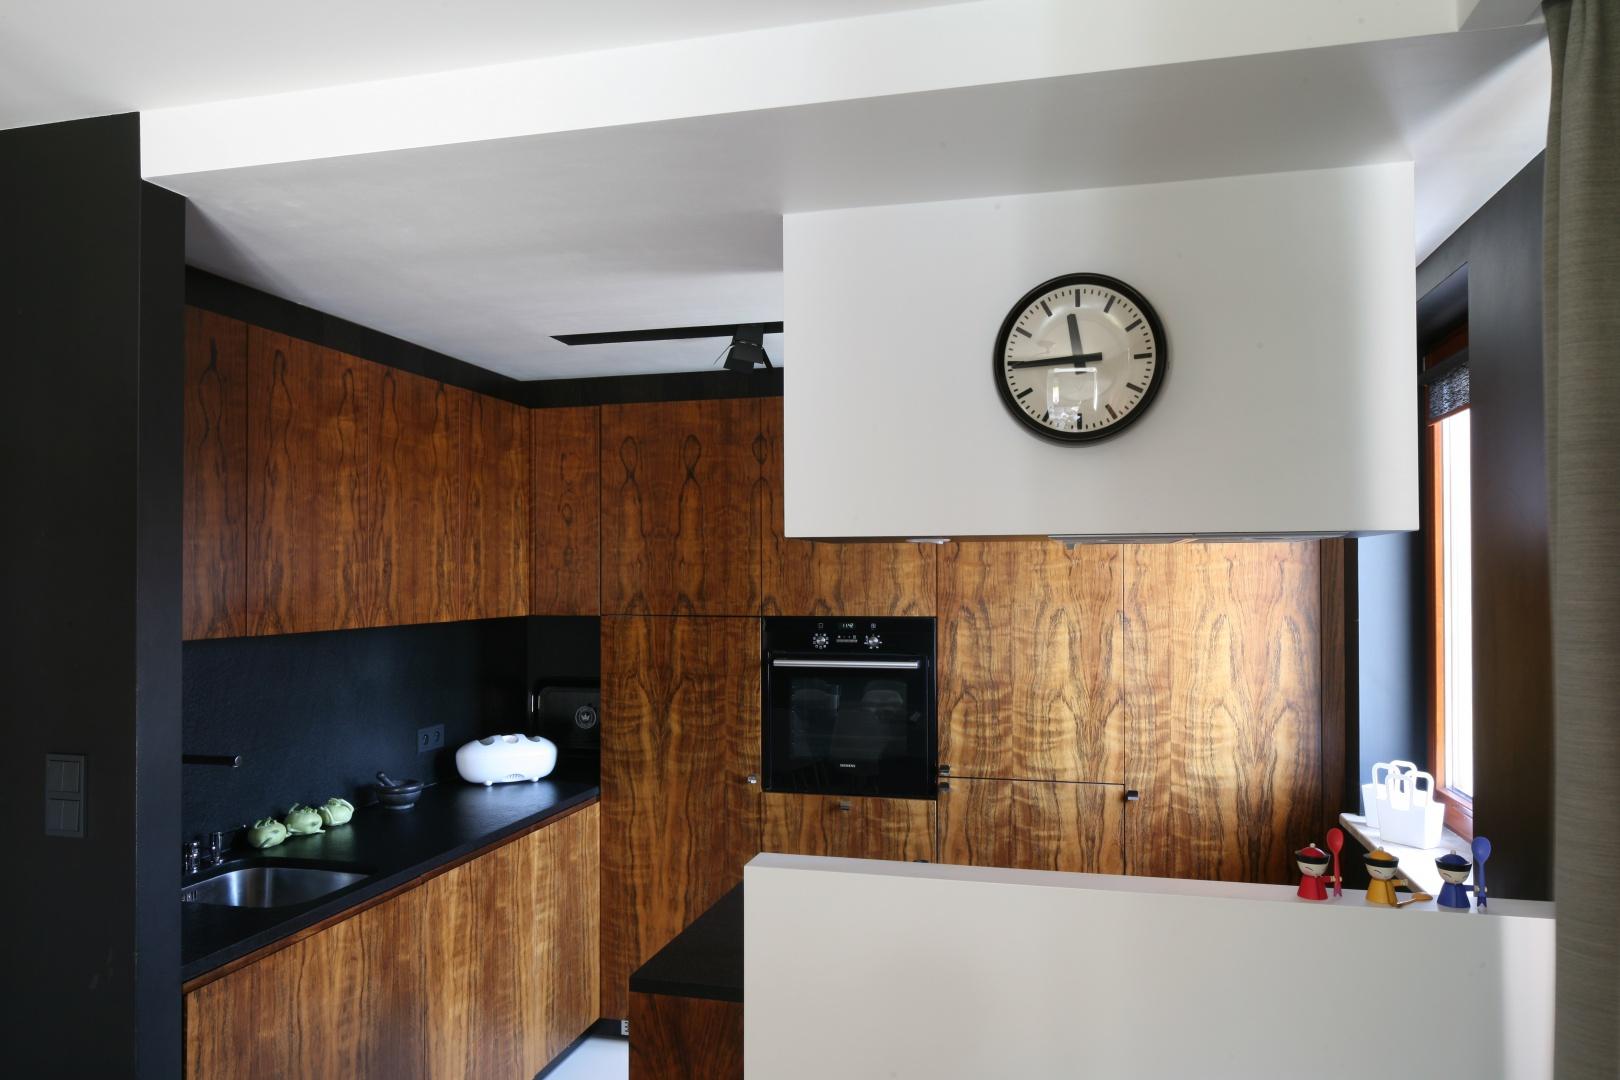 Wyspa została oderwana od podłogi. Bokiem oparta o ścianę nośną jest także przymocowana do ścianki działowej. Uniesiona na wys. 20 cm od posadzki wydaje się lżejsza, można też wygodnie sprzątać i myć podłogę. Projekt: Kasia i Michał Dudko. Fot. Bartosz Jarosz.